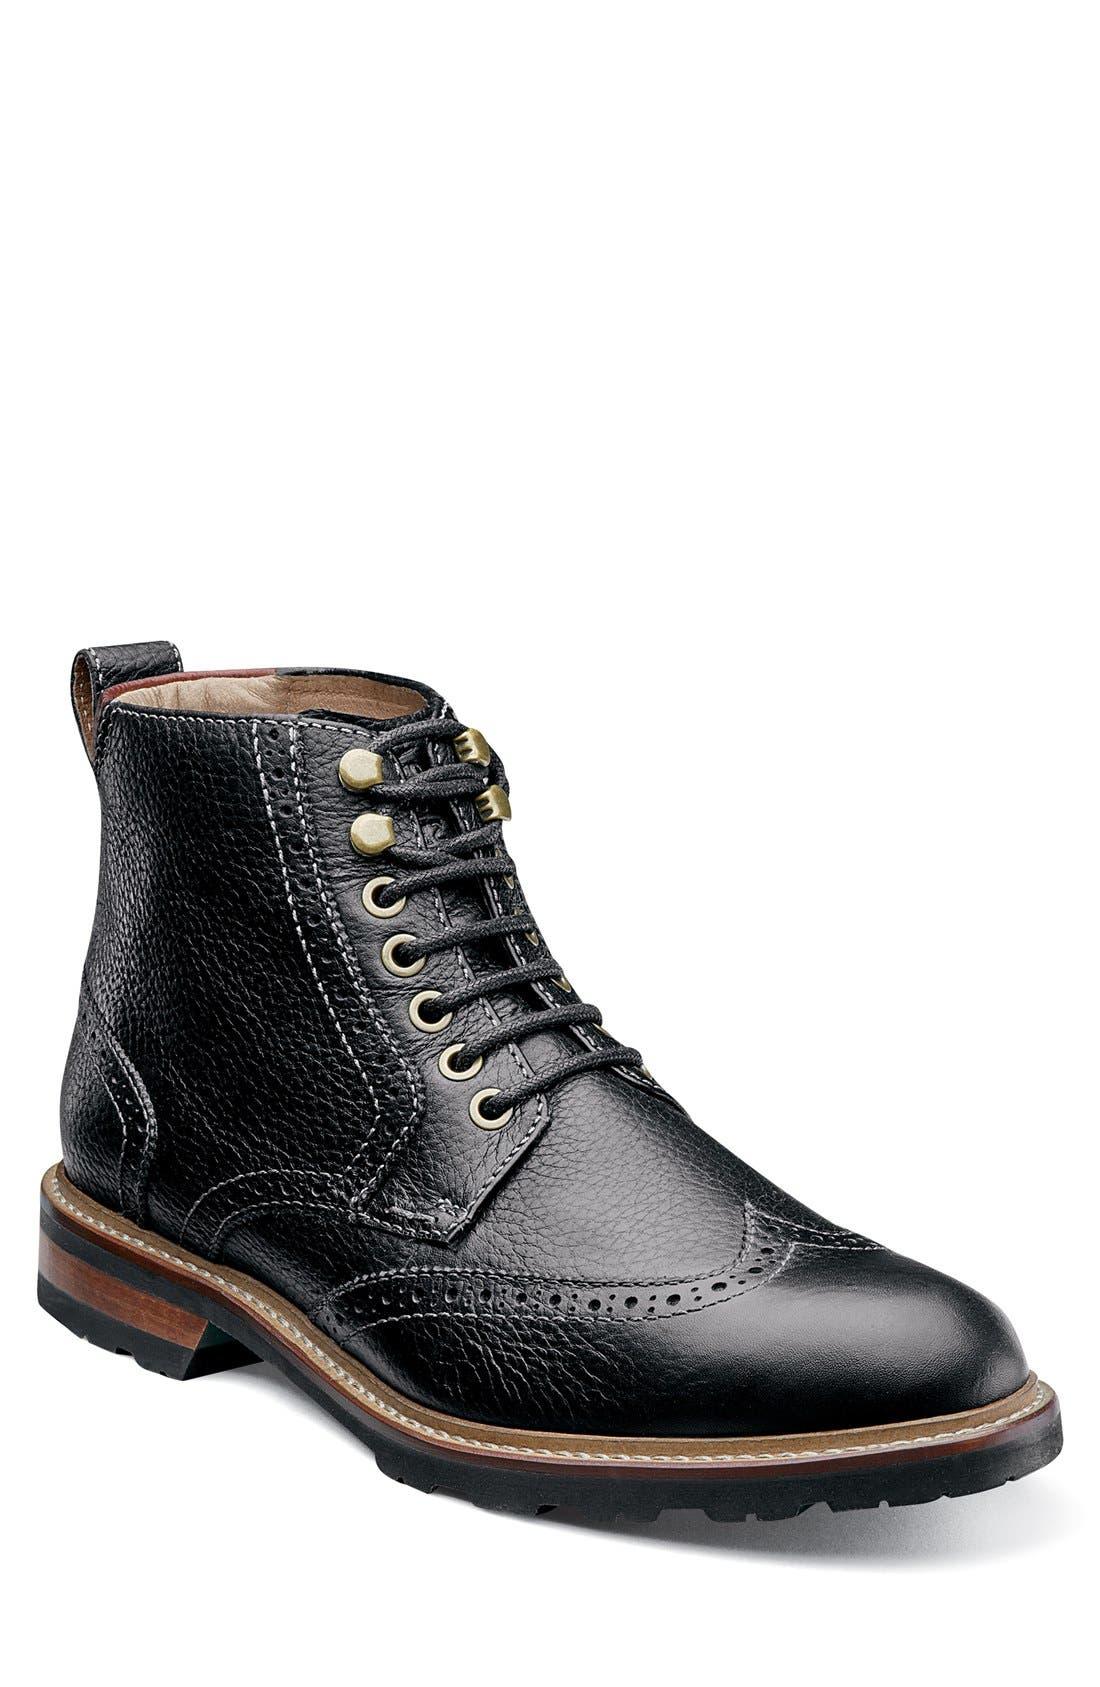 FLORSHEIM,                             'Kilbourn' Wingtip Boot,                             Main thumbnail 1, color,                             001